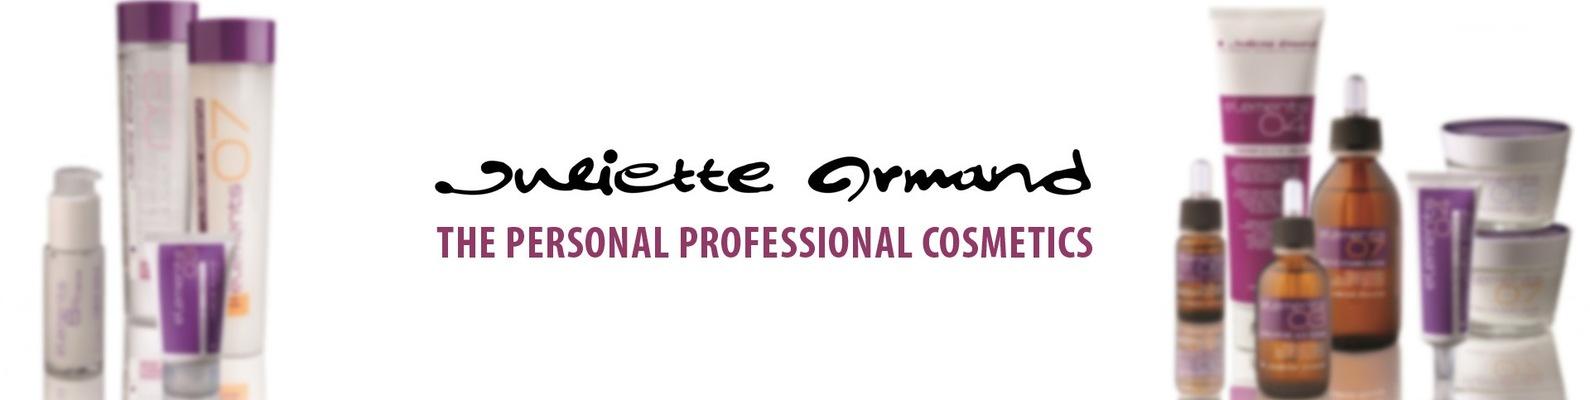 эстетика профессиональная косметика